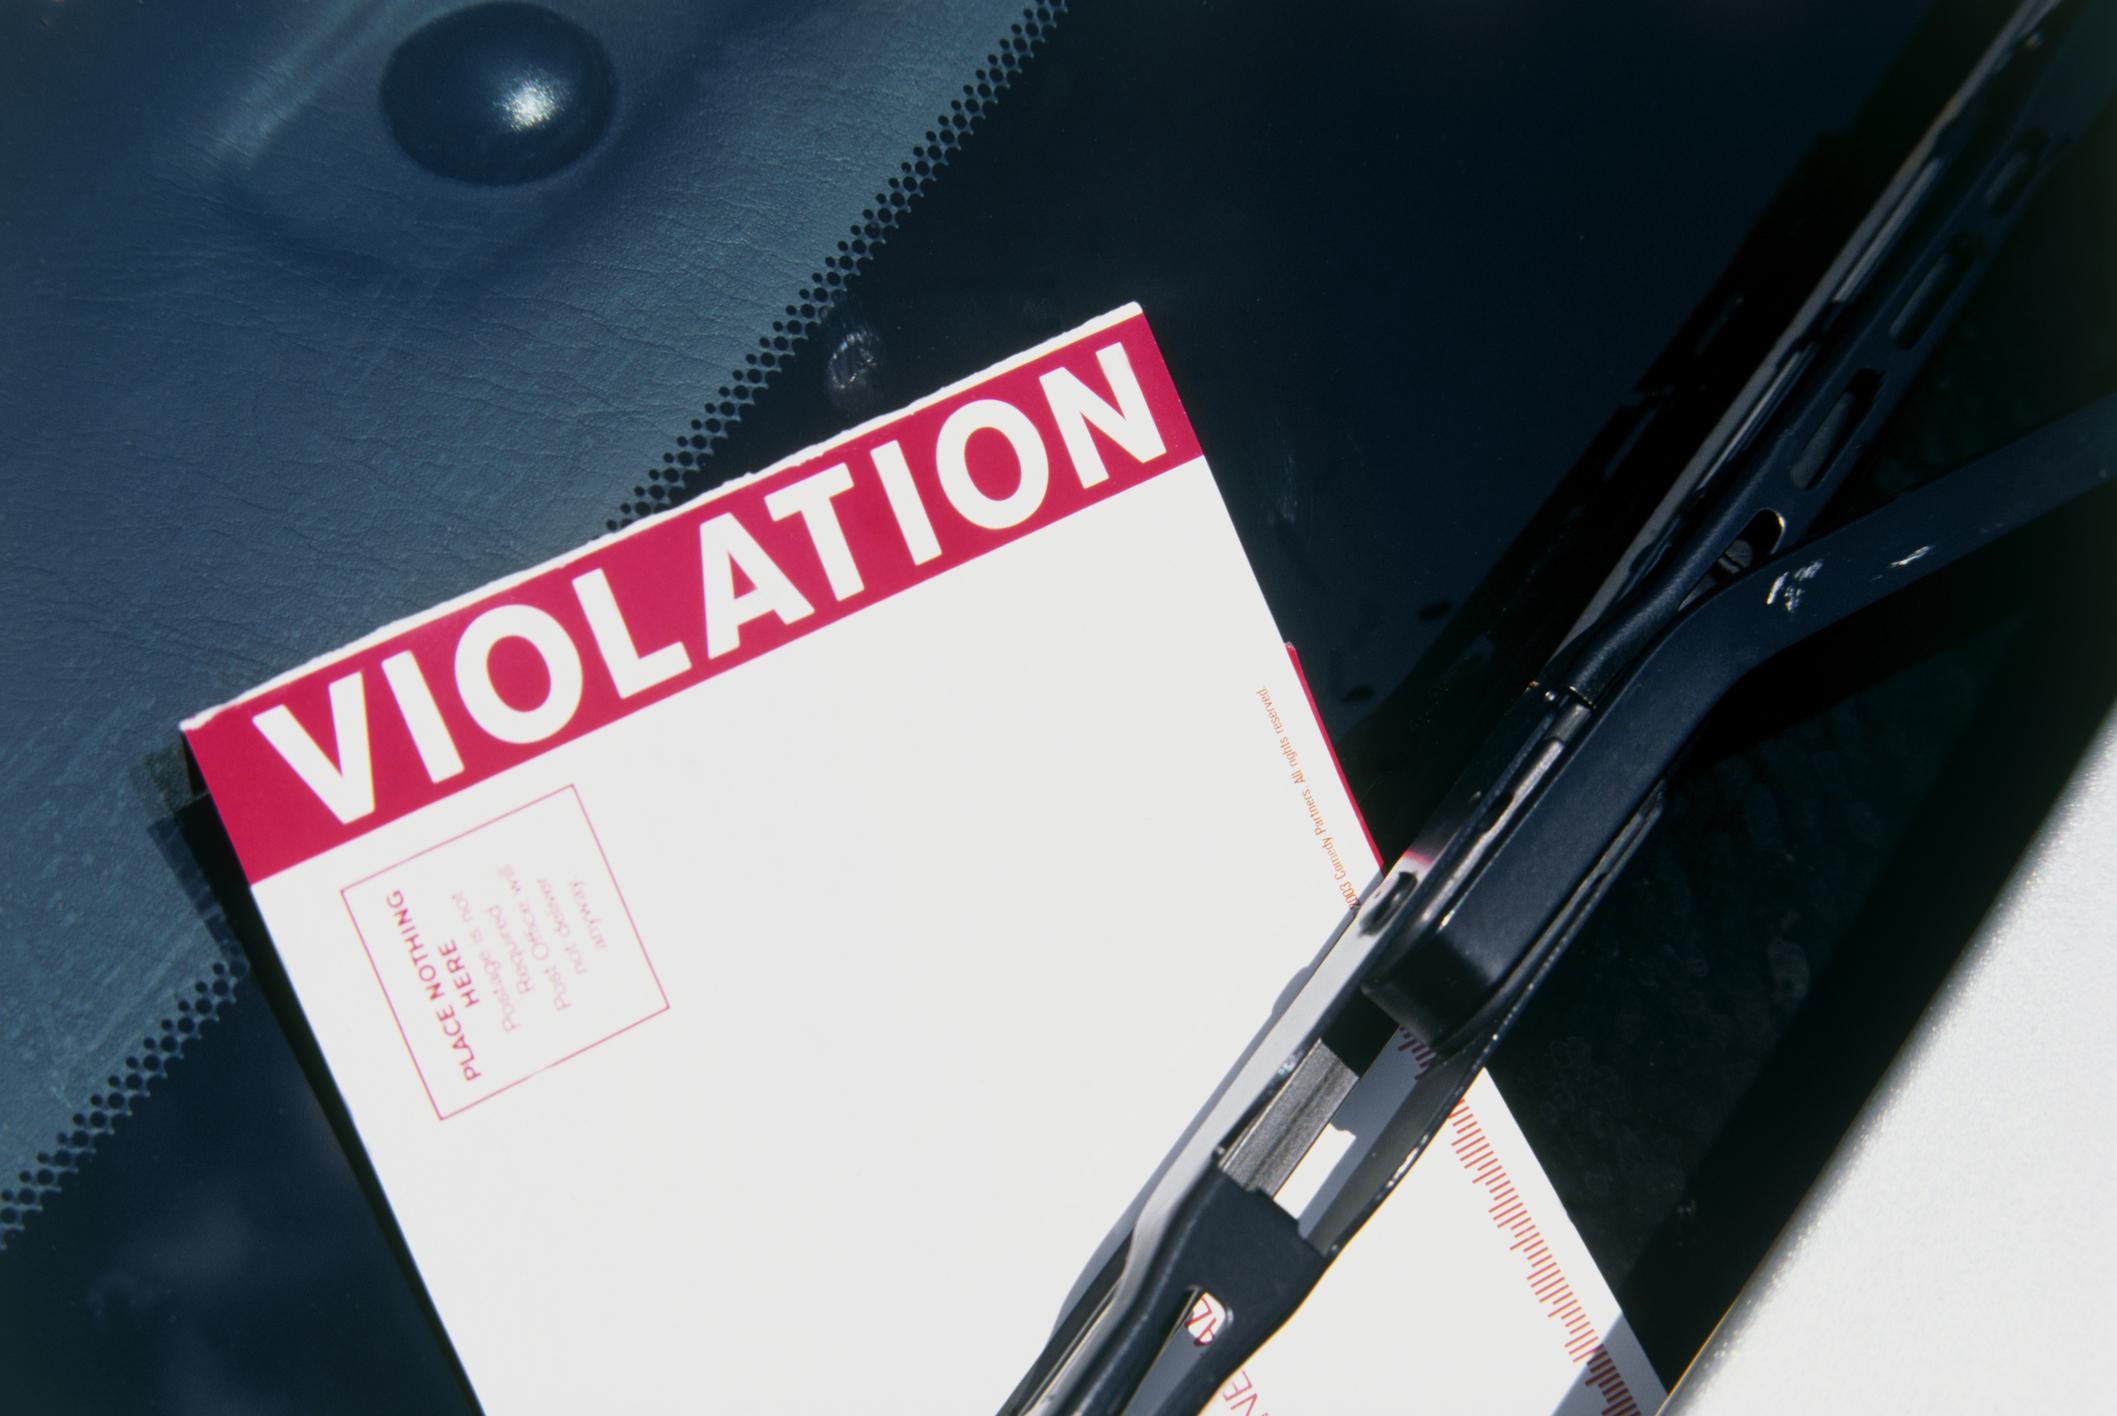 Parking ticket on a windscreen wiper